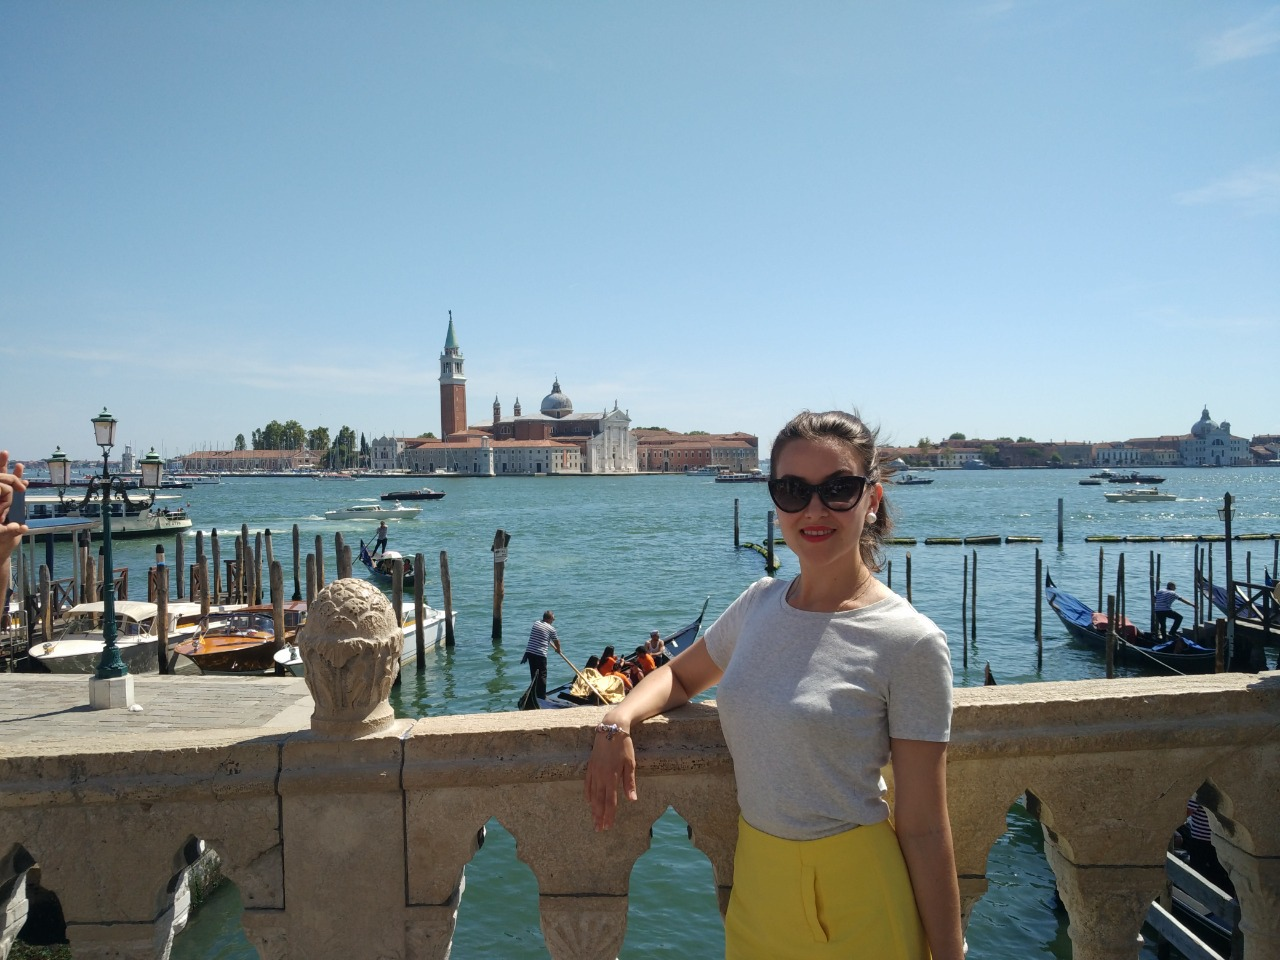 Светлана Кольцова: «Я самостоятельно за три месяца выучила итальянский язык перед поездкой»